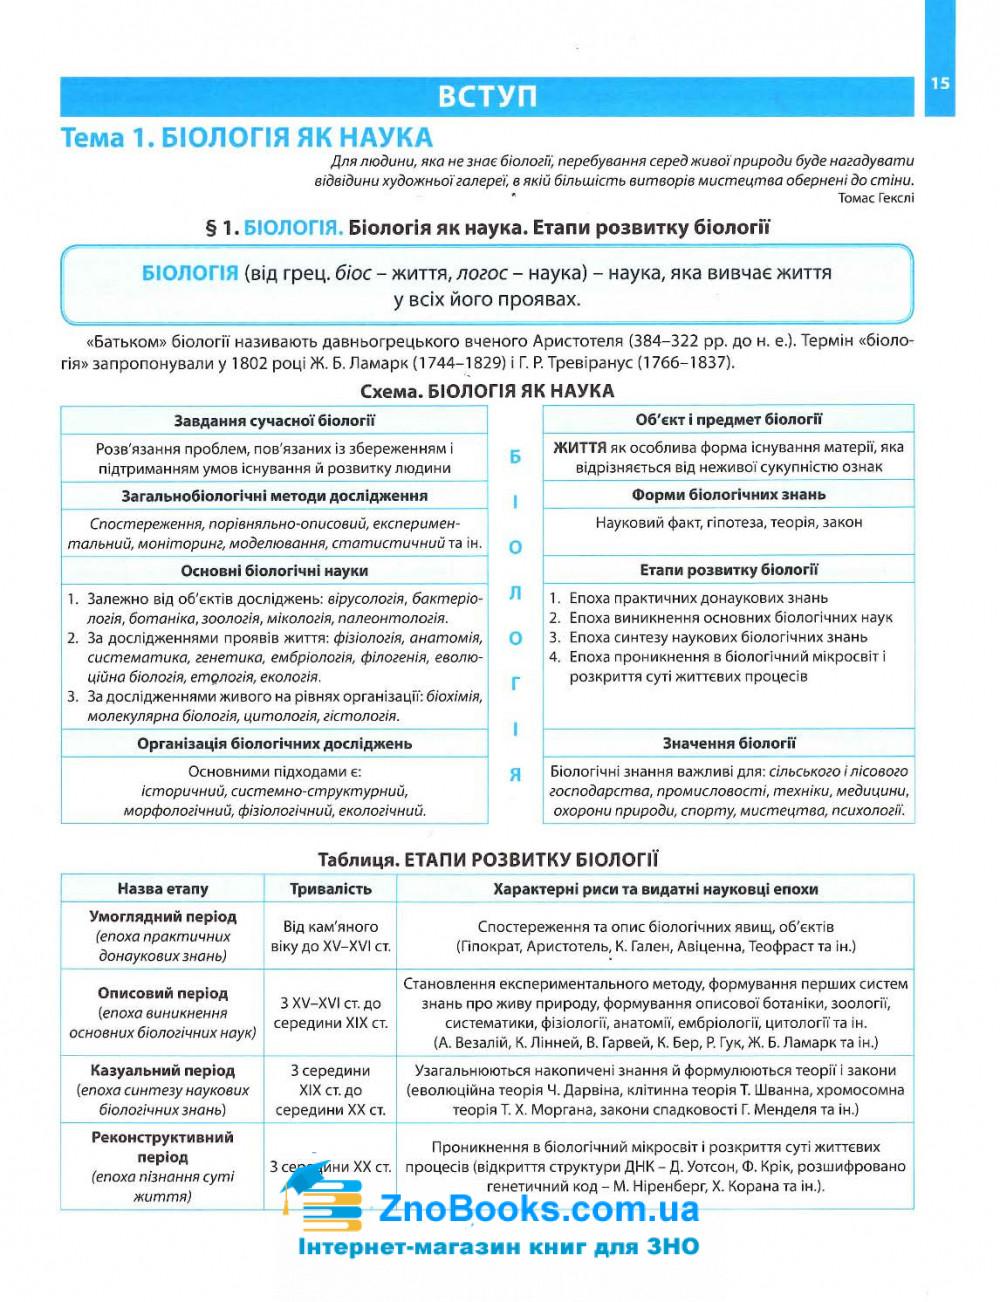 Довідник Соболь В. Повний курс біології для підготовки до ЗНО та ДПА 2021. 11